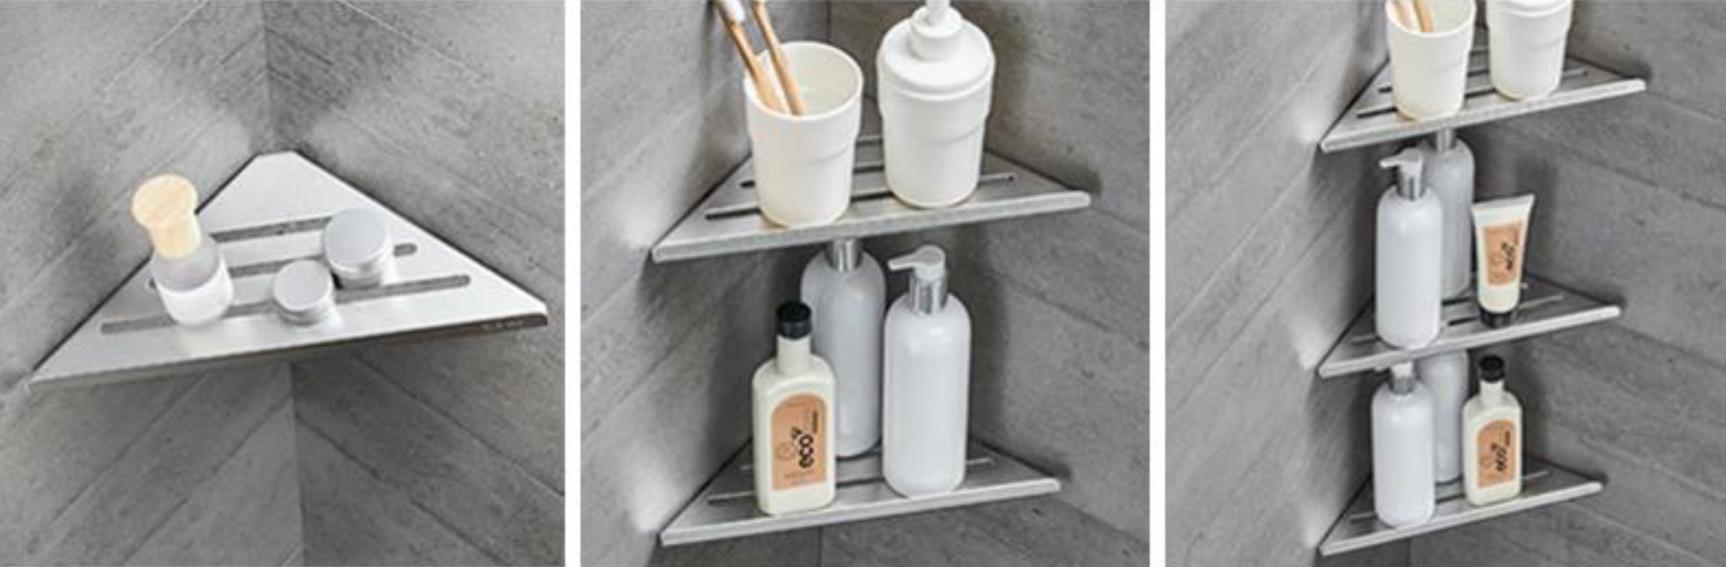 Corner Shelf Multi